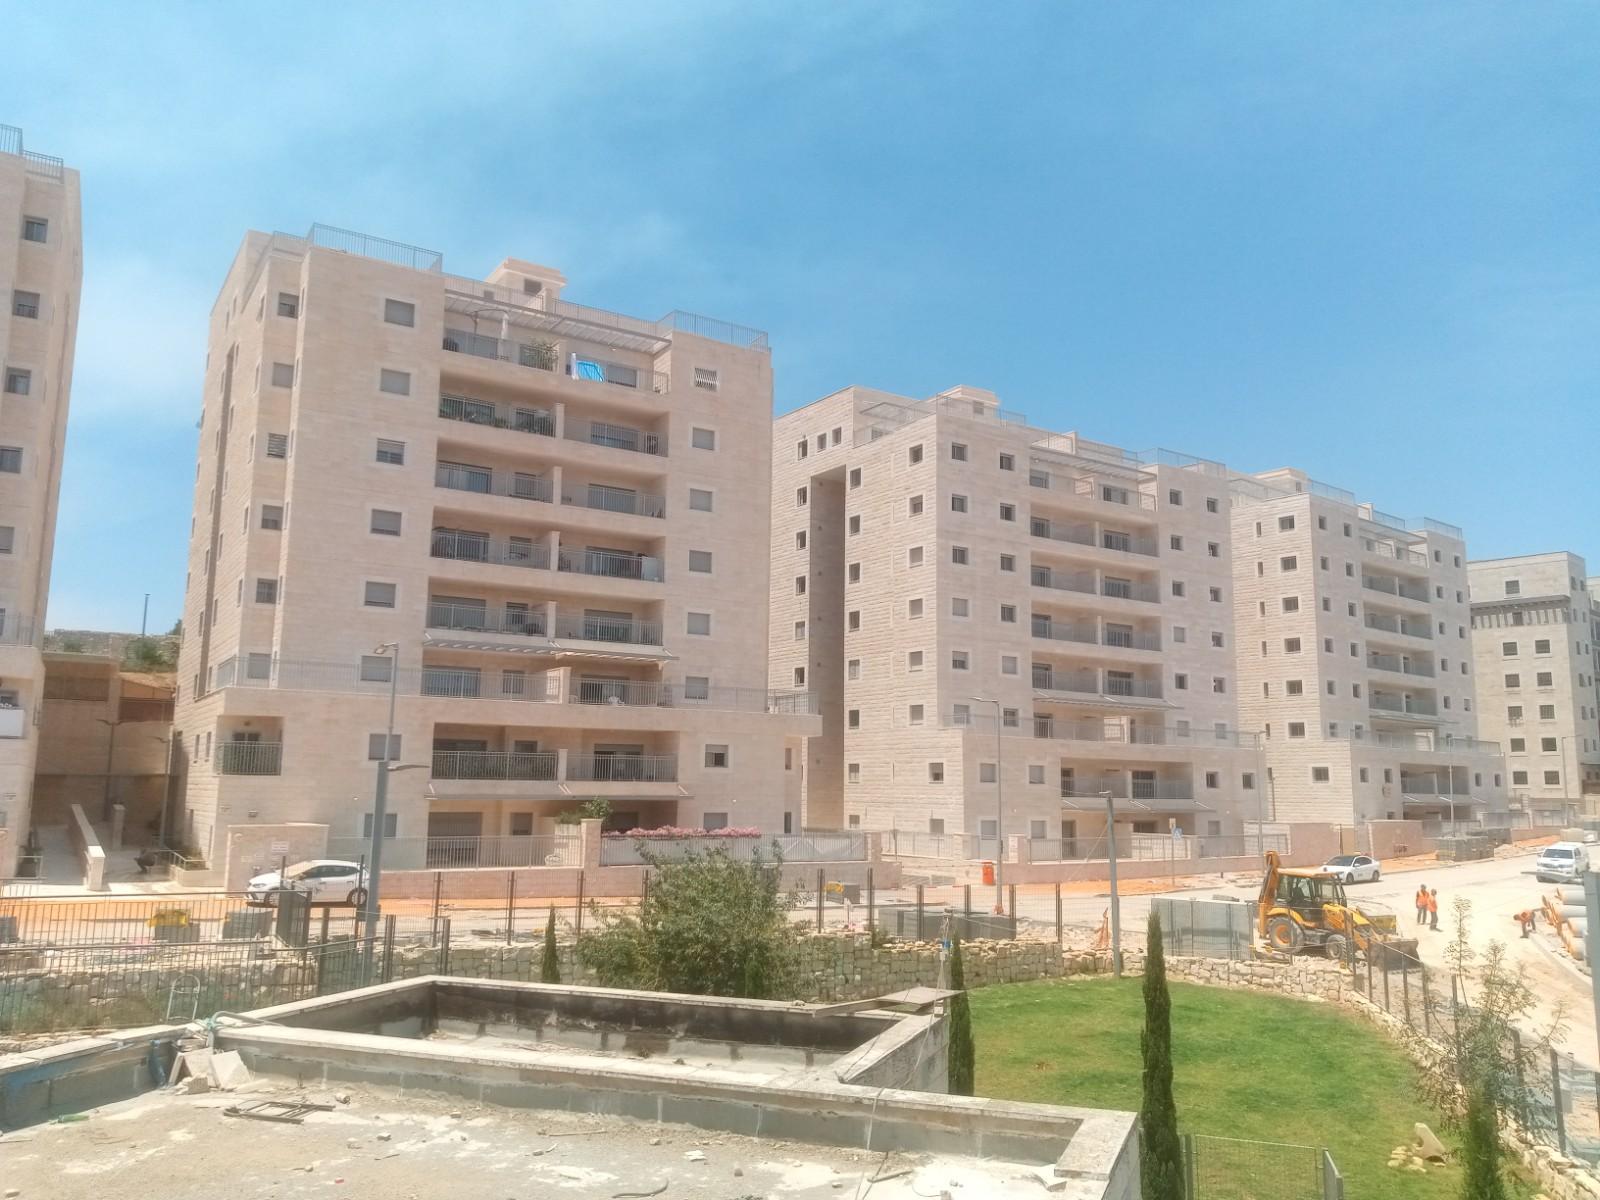 אכלוס הבניינים האחרונים בפרויקט (צילום: יורו ישראל)